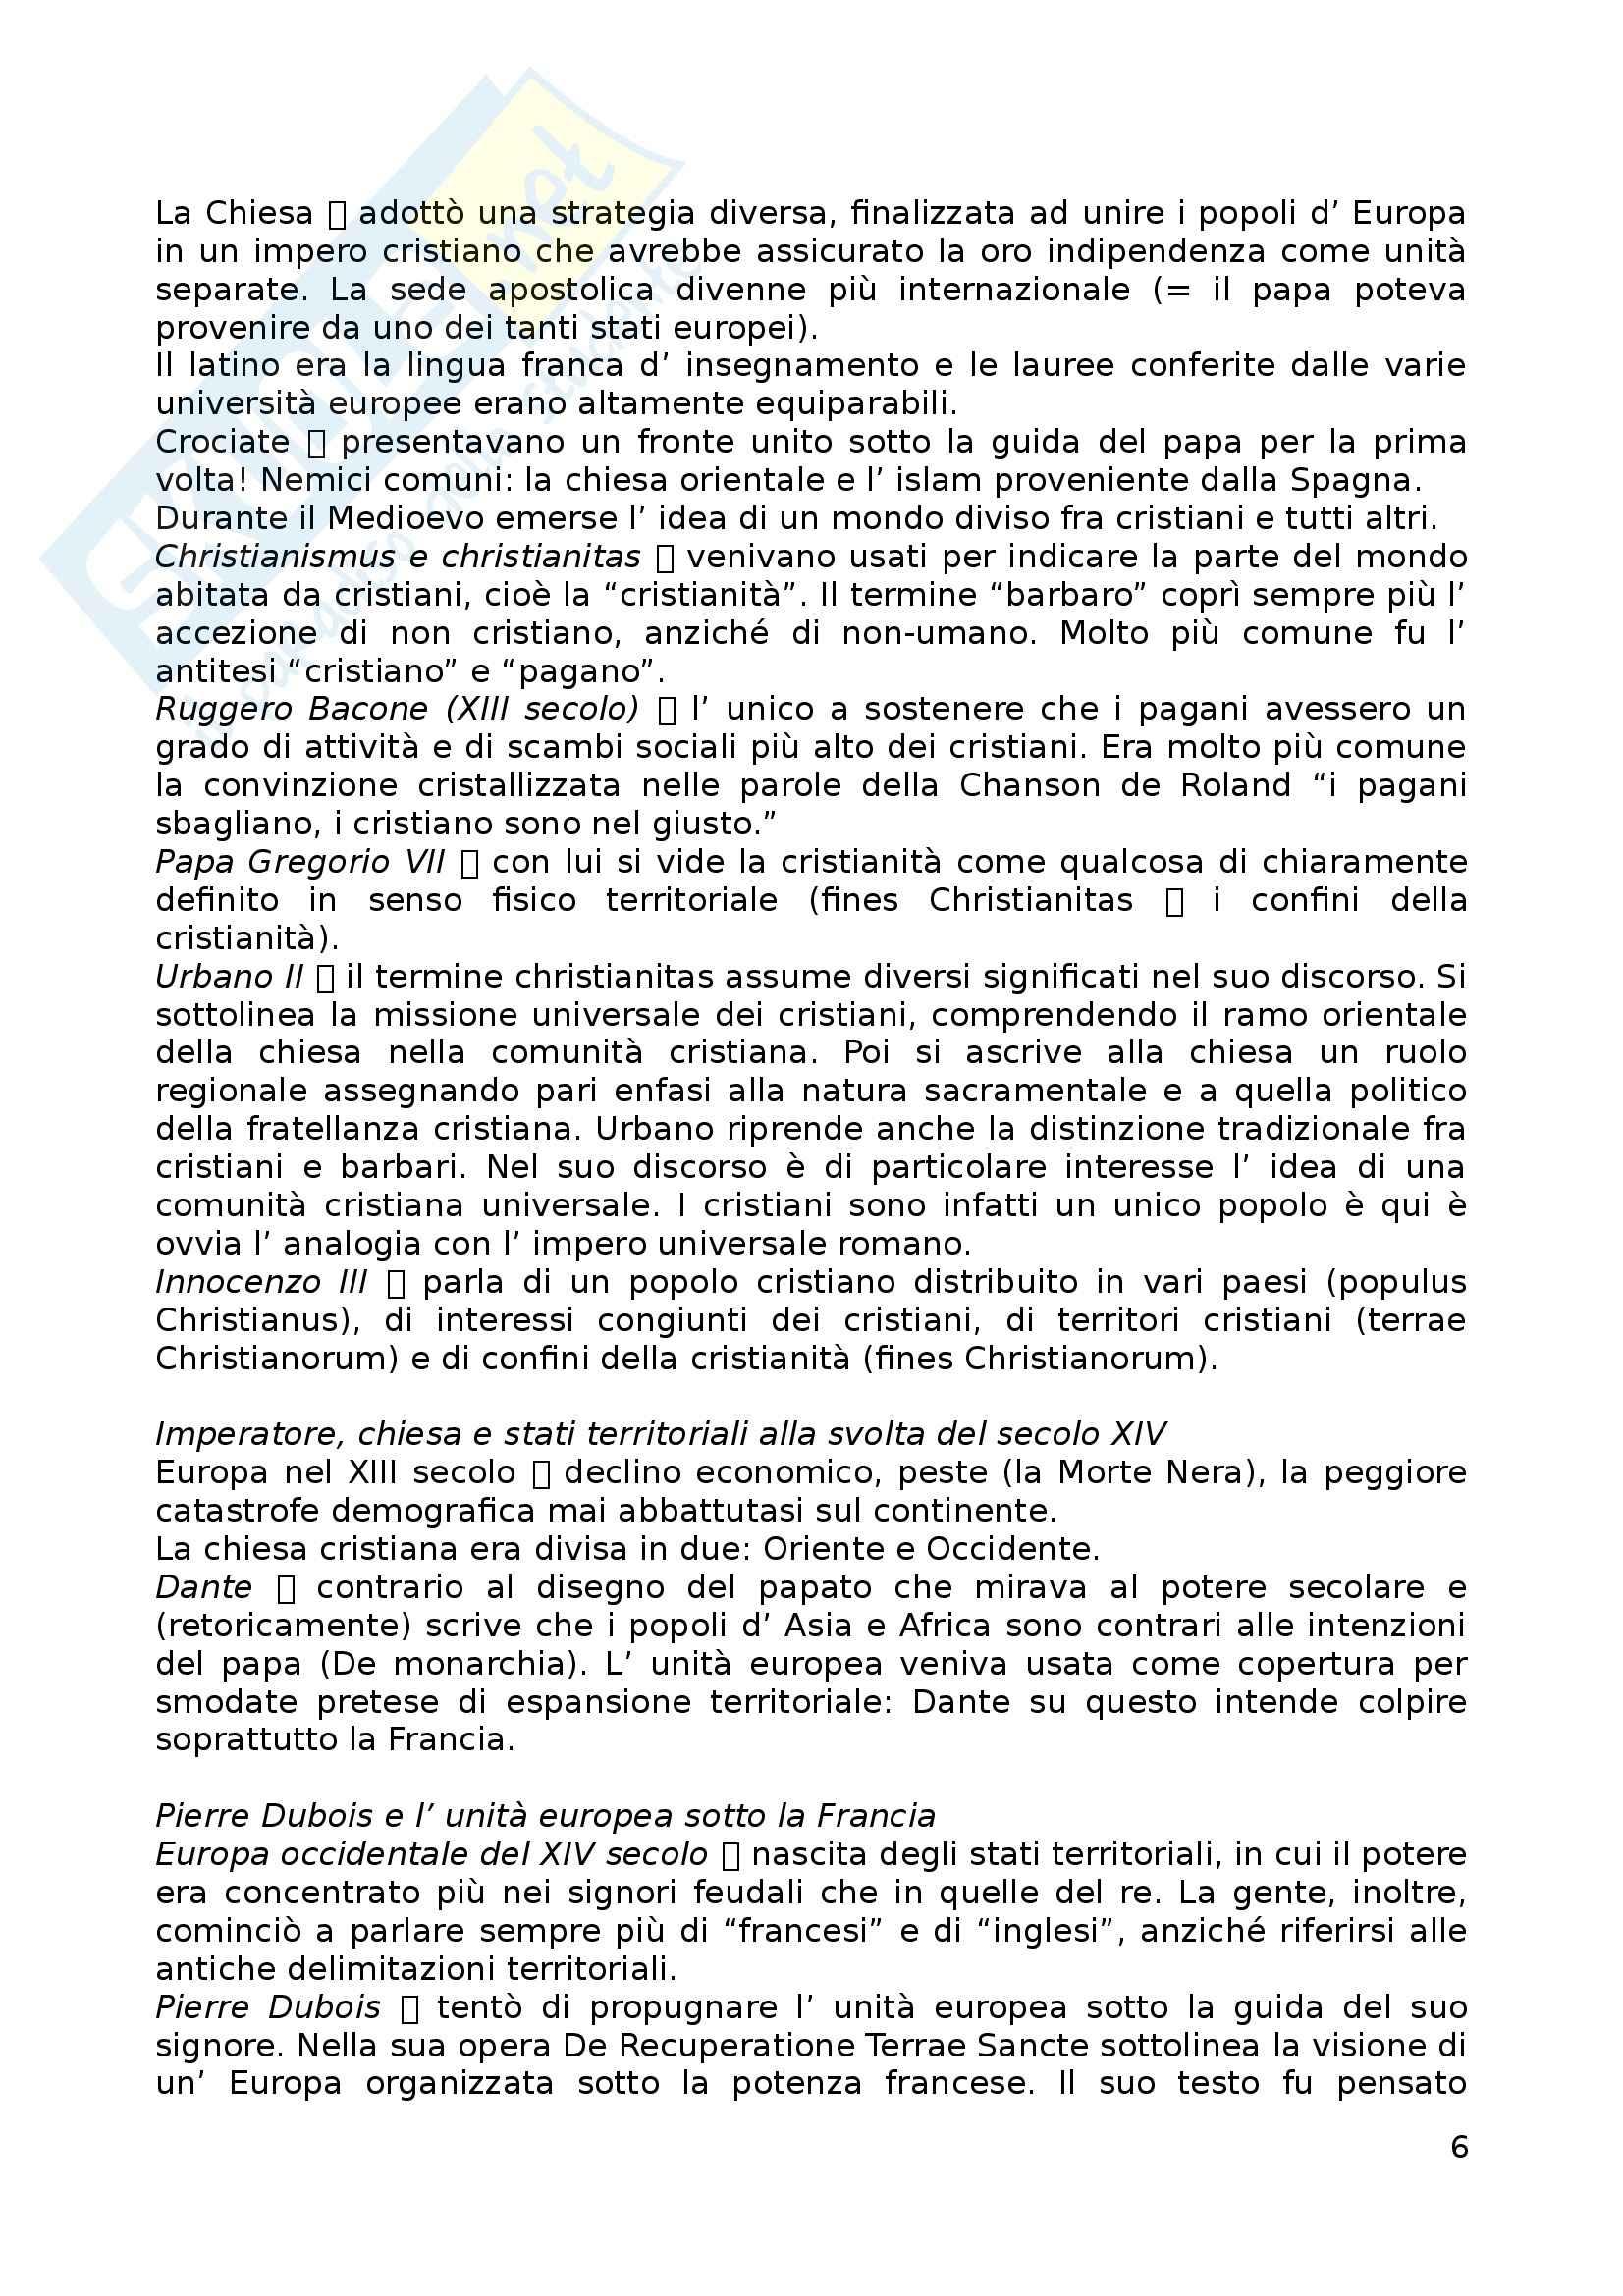 Riassunto esame Storia dell'Europa, prof. Zannini, libro consigliato Europa - Storia di un'idea e di un'identità, Mikkeli Pag. 6